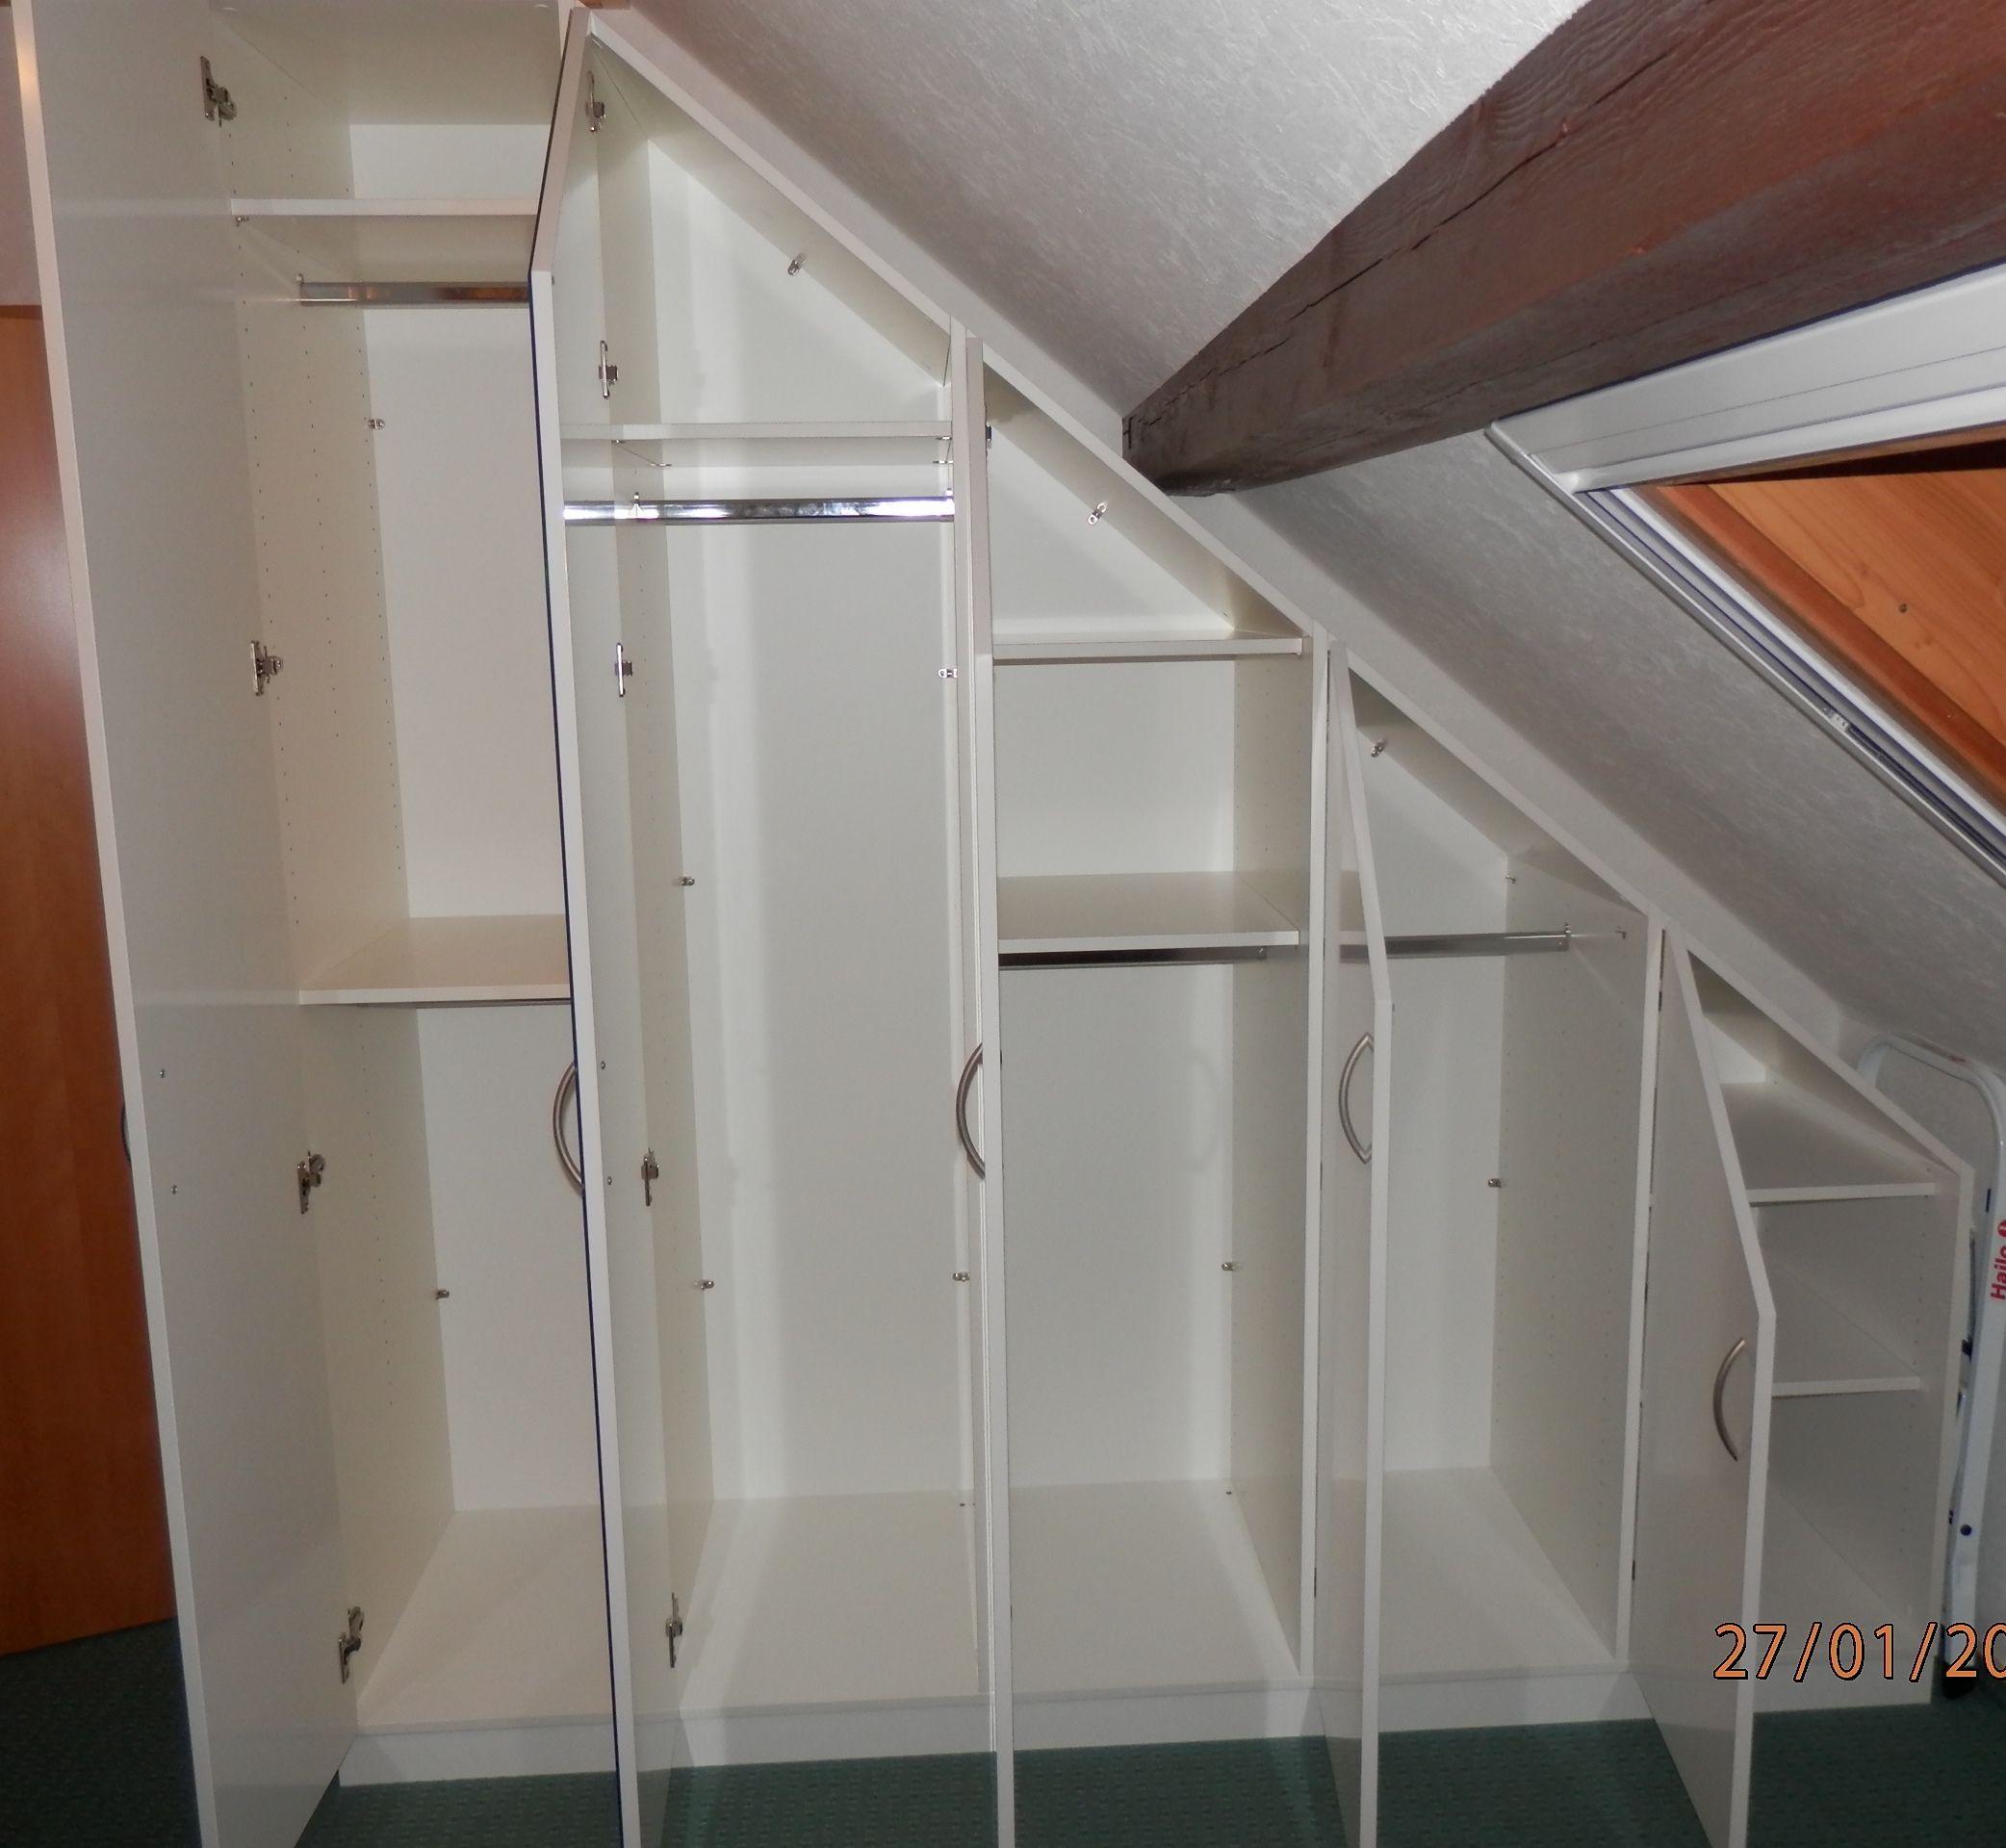 kast met schuine wand links inbouwkast zolder schuine. Black Bedroom Furniture Sets. Home Design Ideas